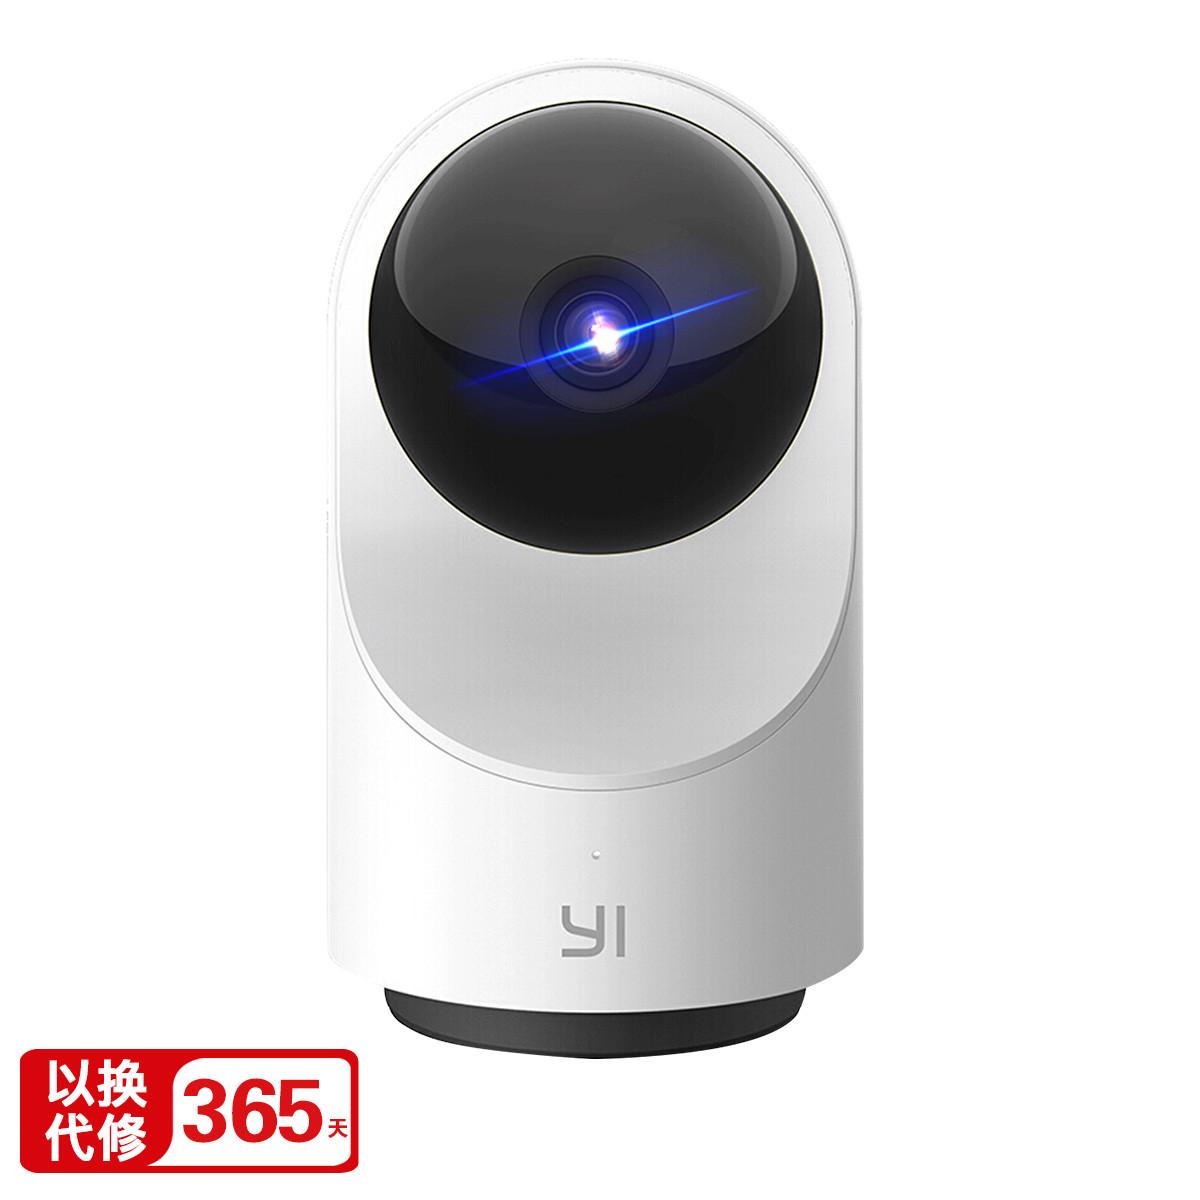 小蚁Y30家用夜视对讲远程AI智能360旋转小蚁无线监控摄像头HTCVIPY30